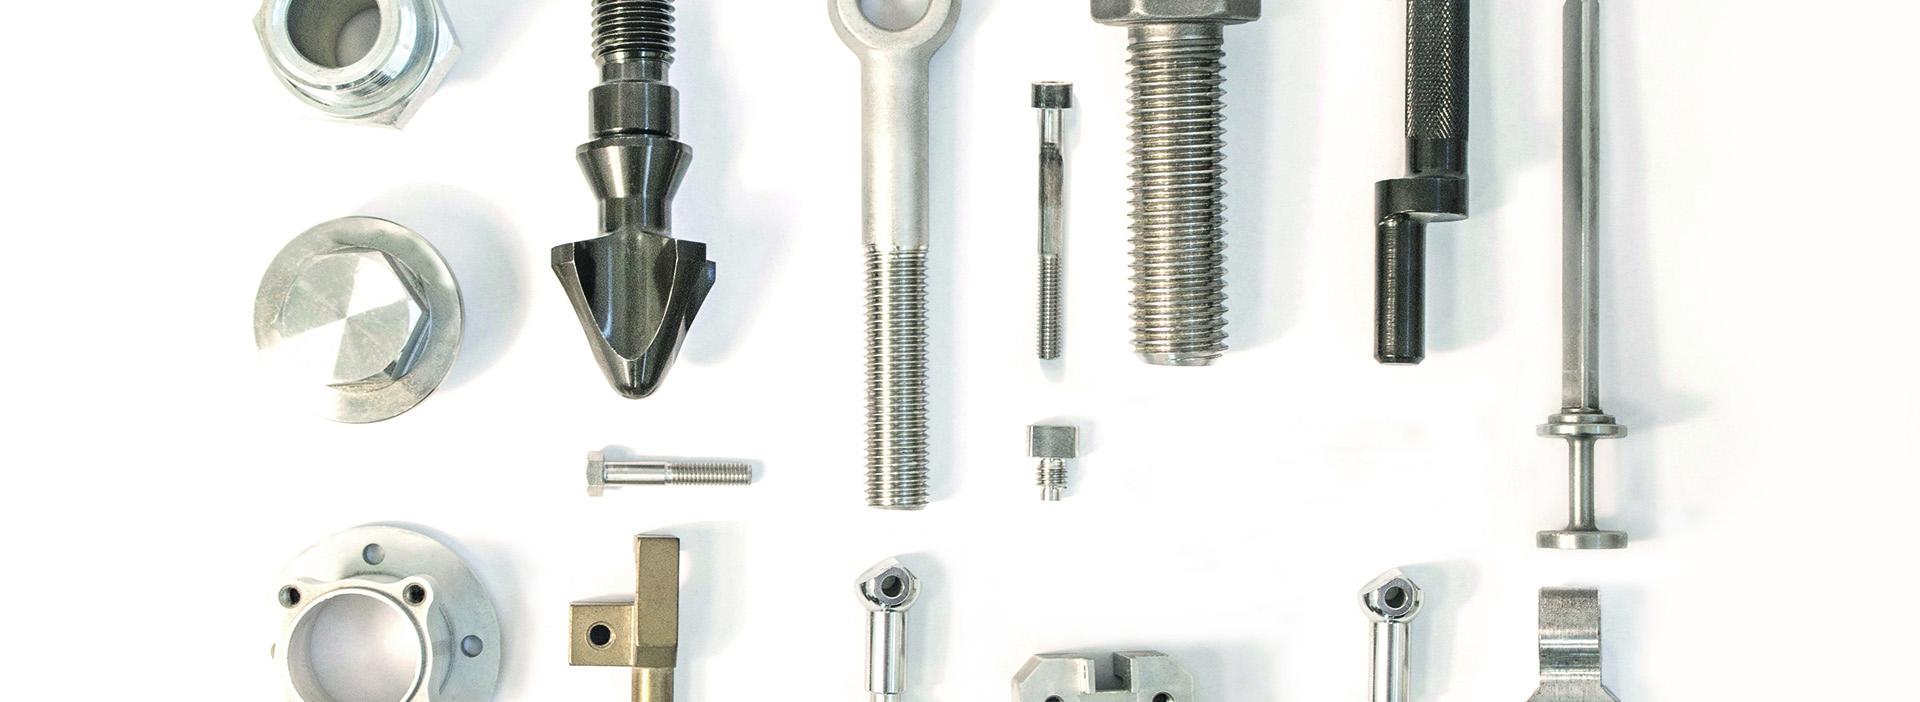 Schrauben, Nägel und Eisenprodukte